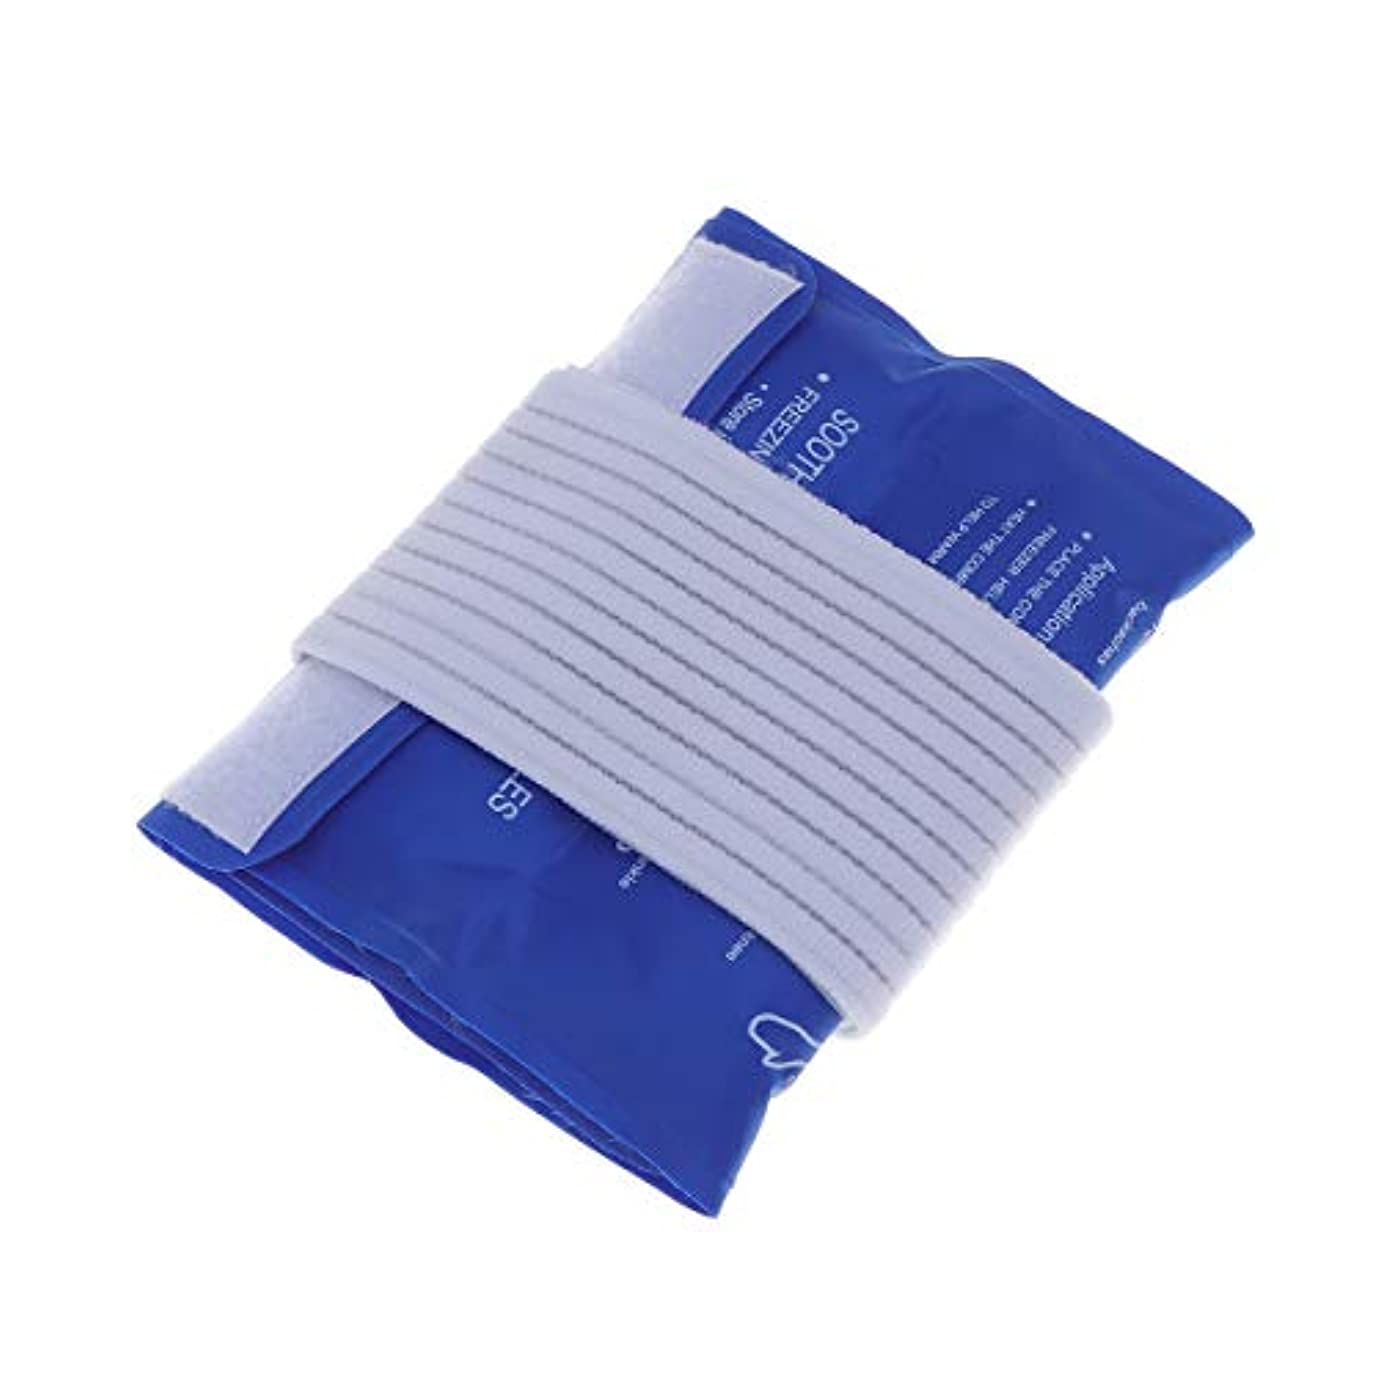 ノーブル追放するメディックSUPVOX ゲルアイスパックラップ医療冷却コンプレッションバッグ付き調節可能な弾性ストラップ付き捻挫筋肉痛傷害ホットコールドセラピー(ブルー)